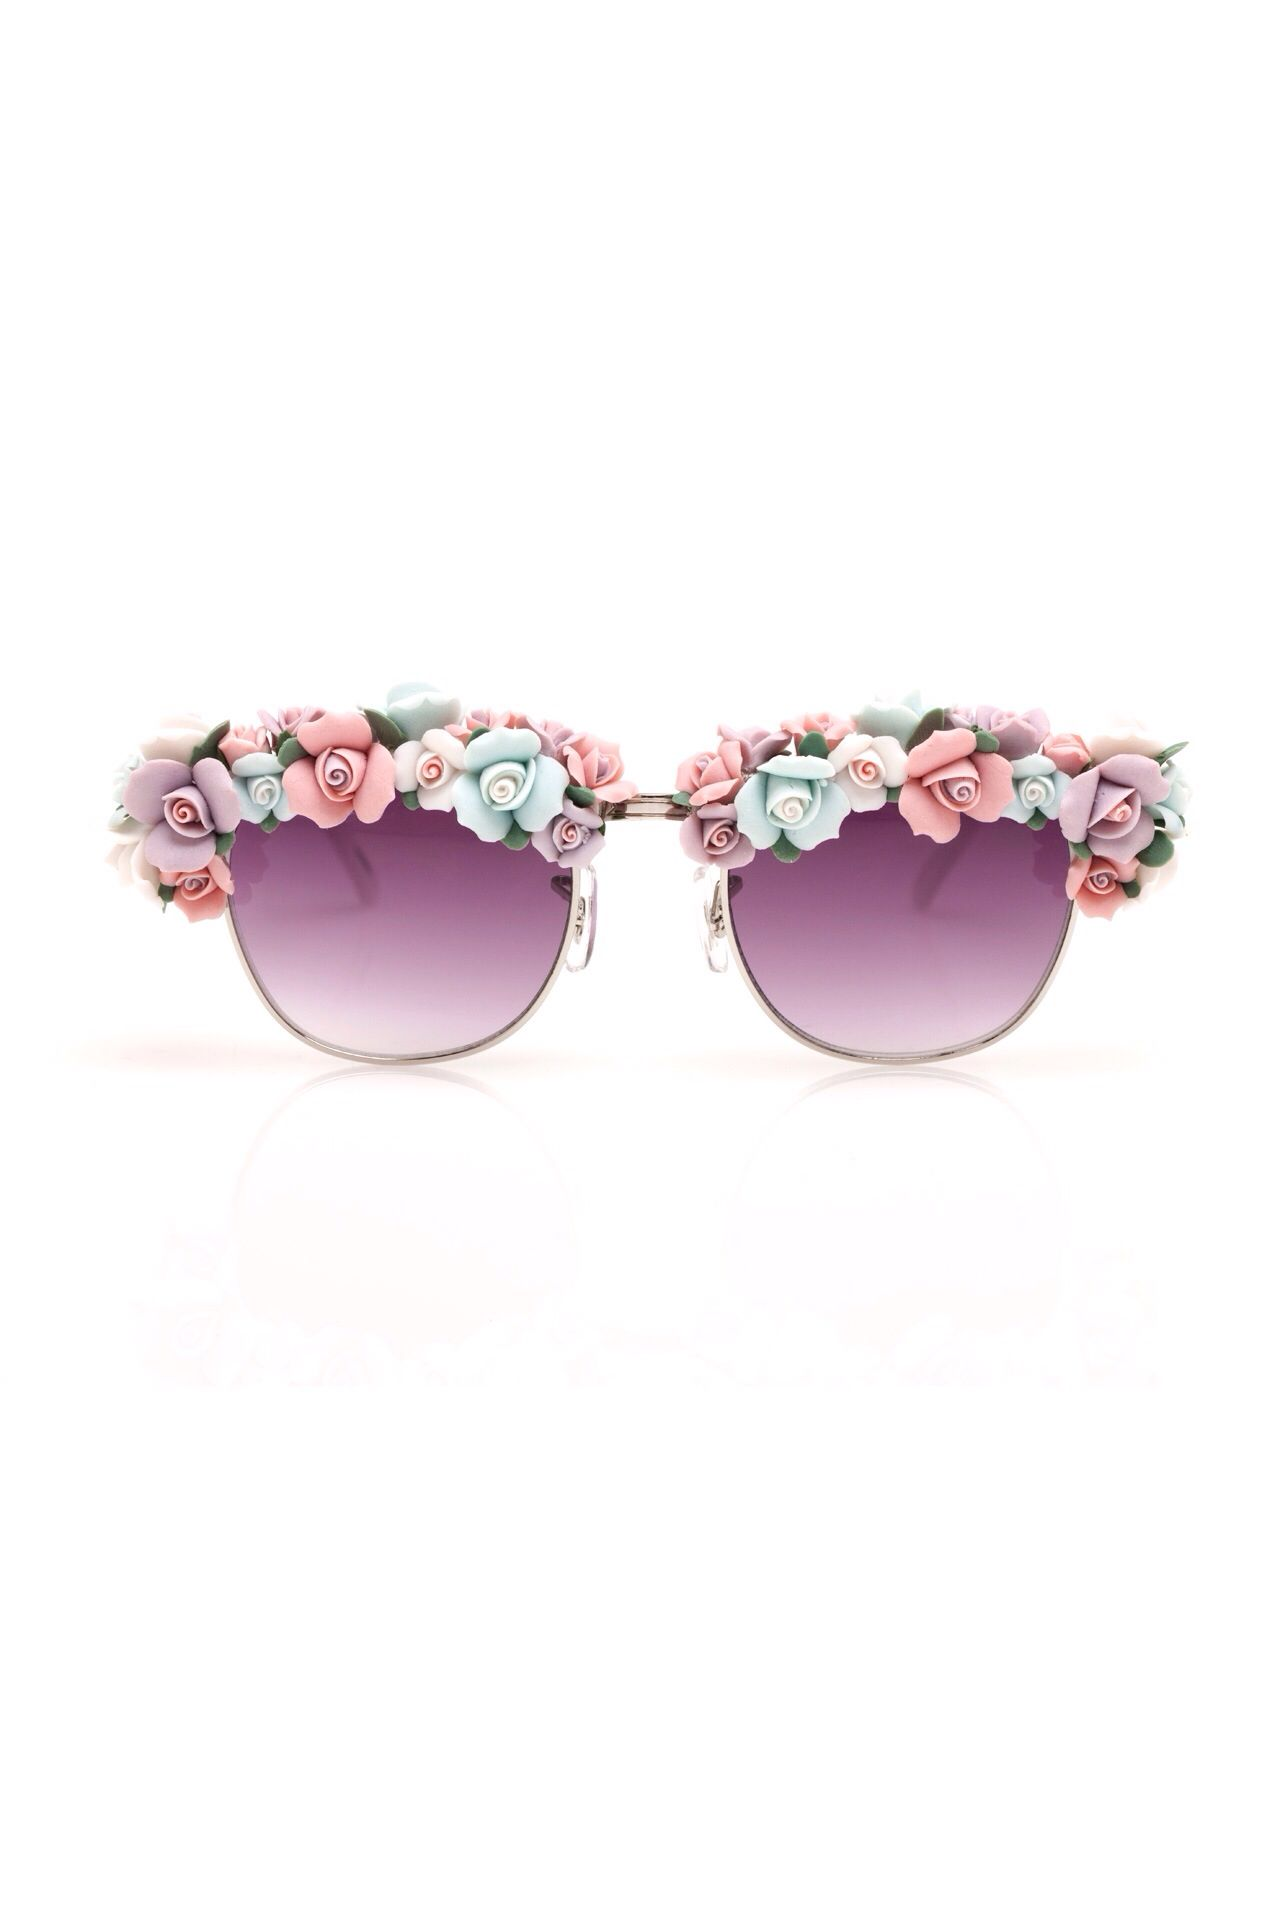 95fb2ac8d5d0f Óculos De Sol De Verão, Óculos, Sunnies, Tiaras, Designer De Bolsas Baratas